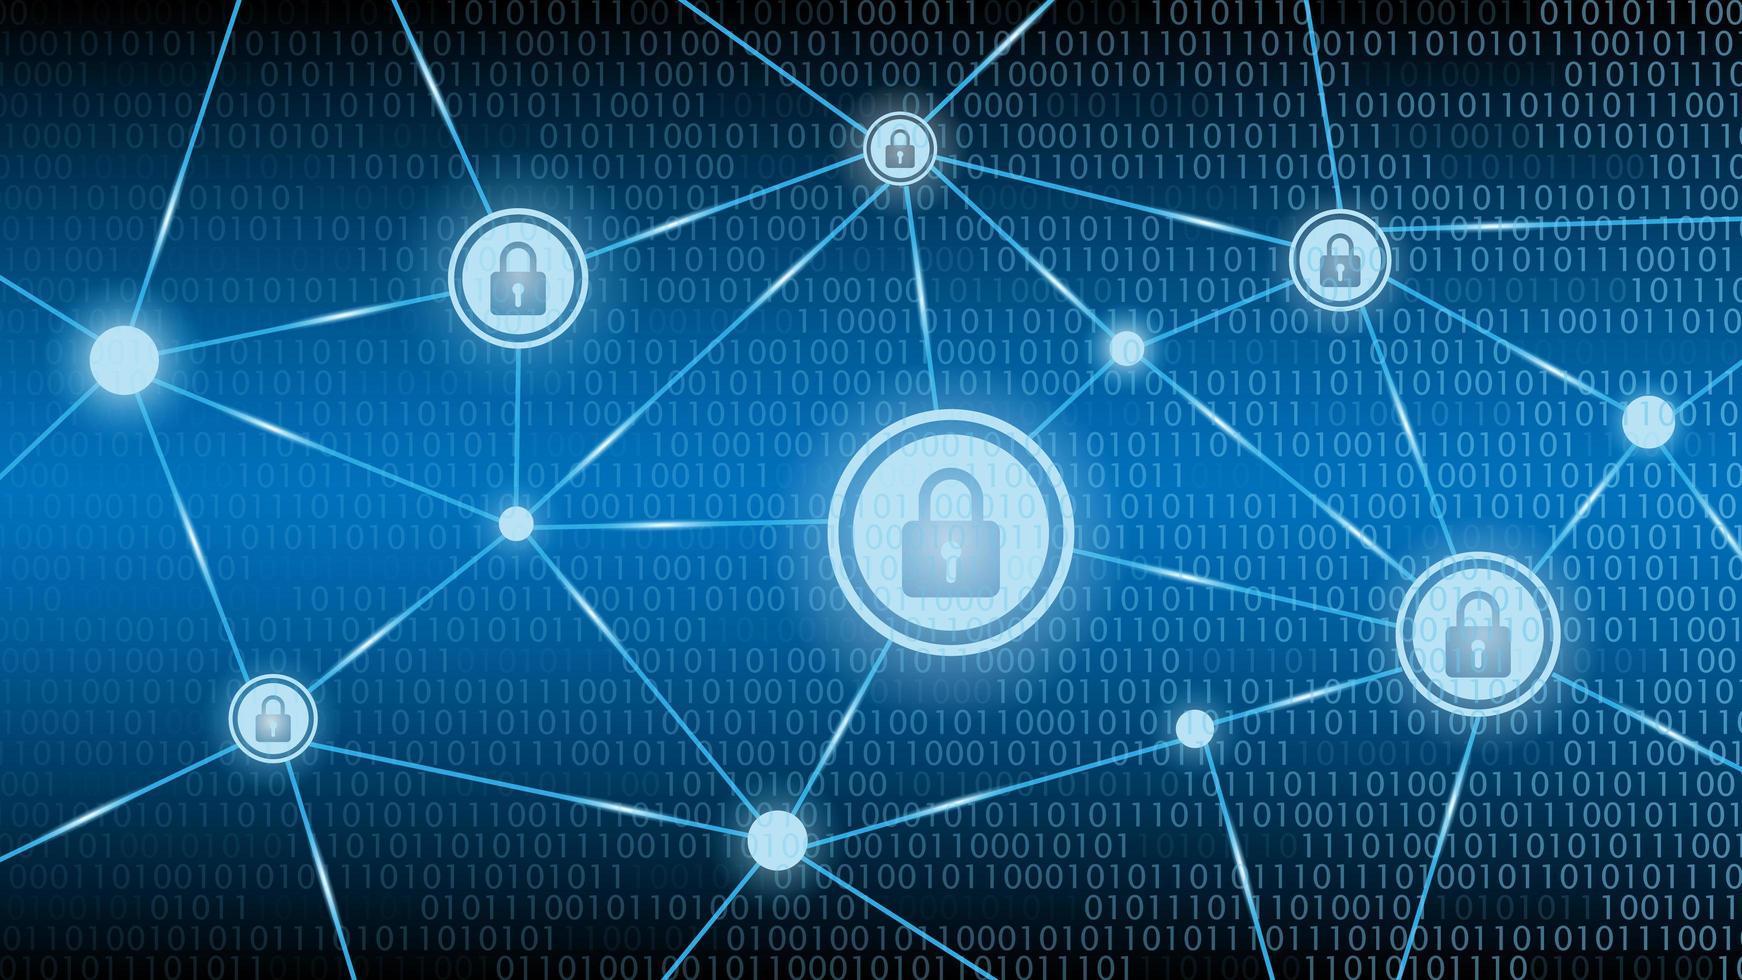 fond bleu de sécurité cyber technologie vecteur